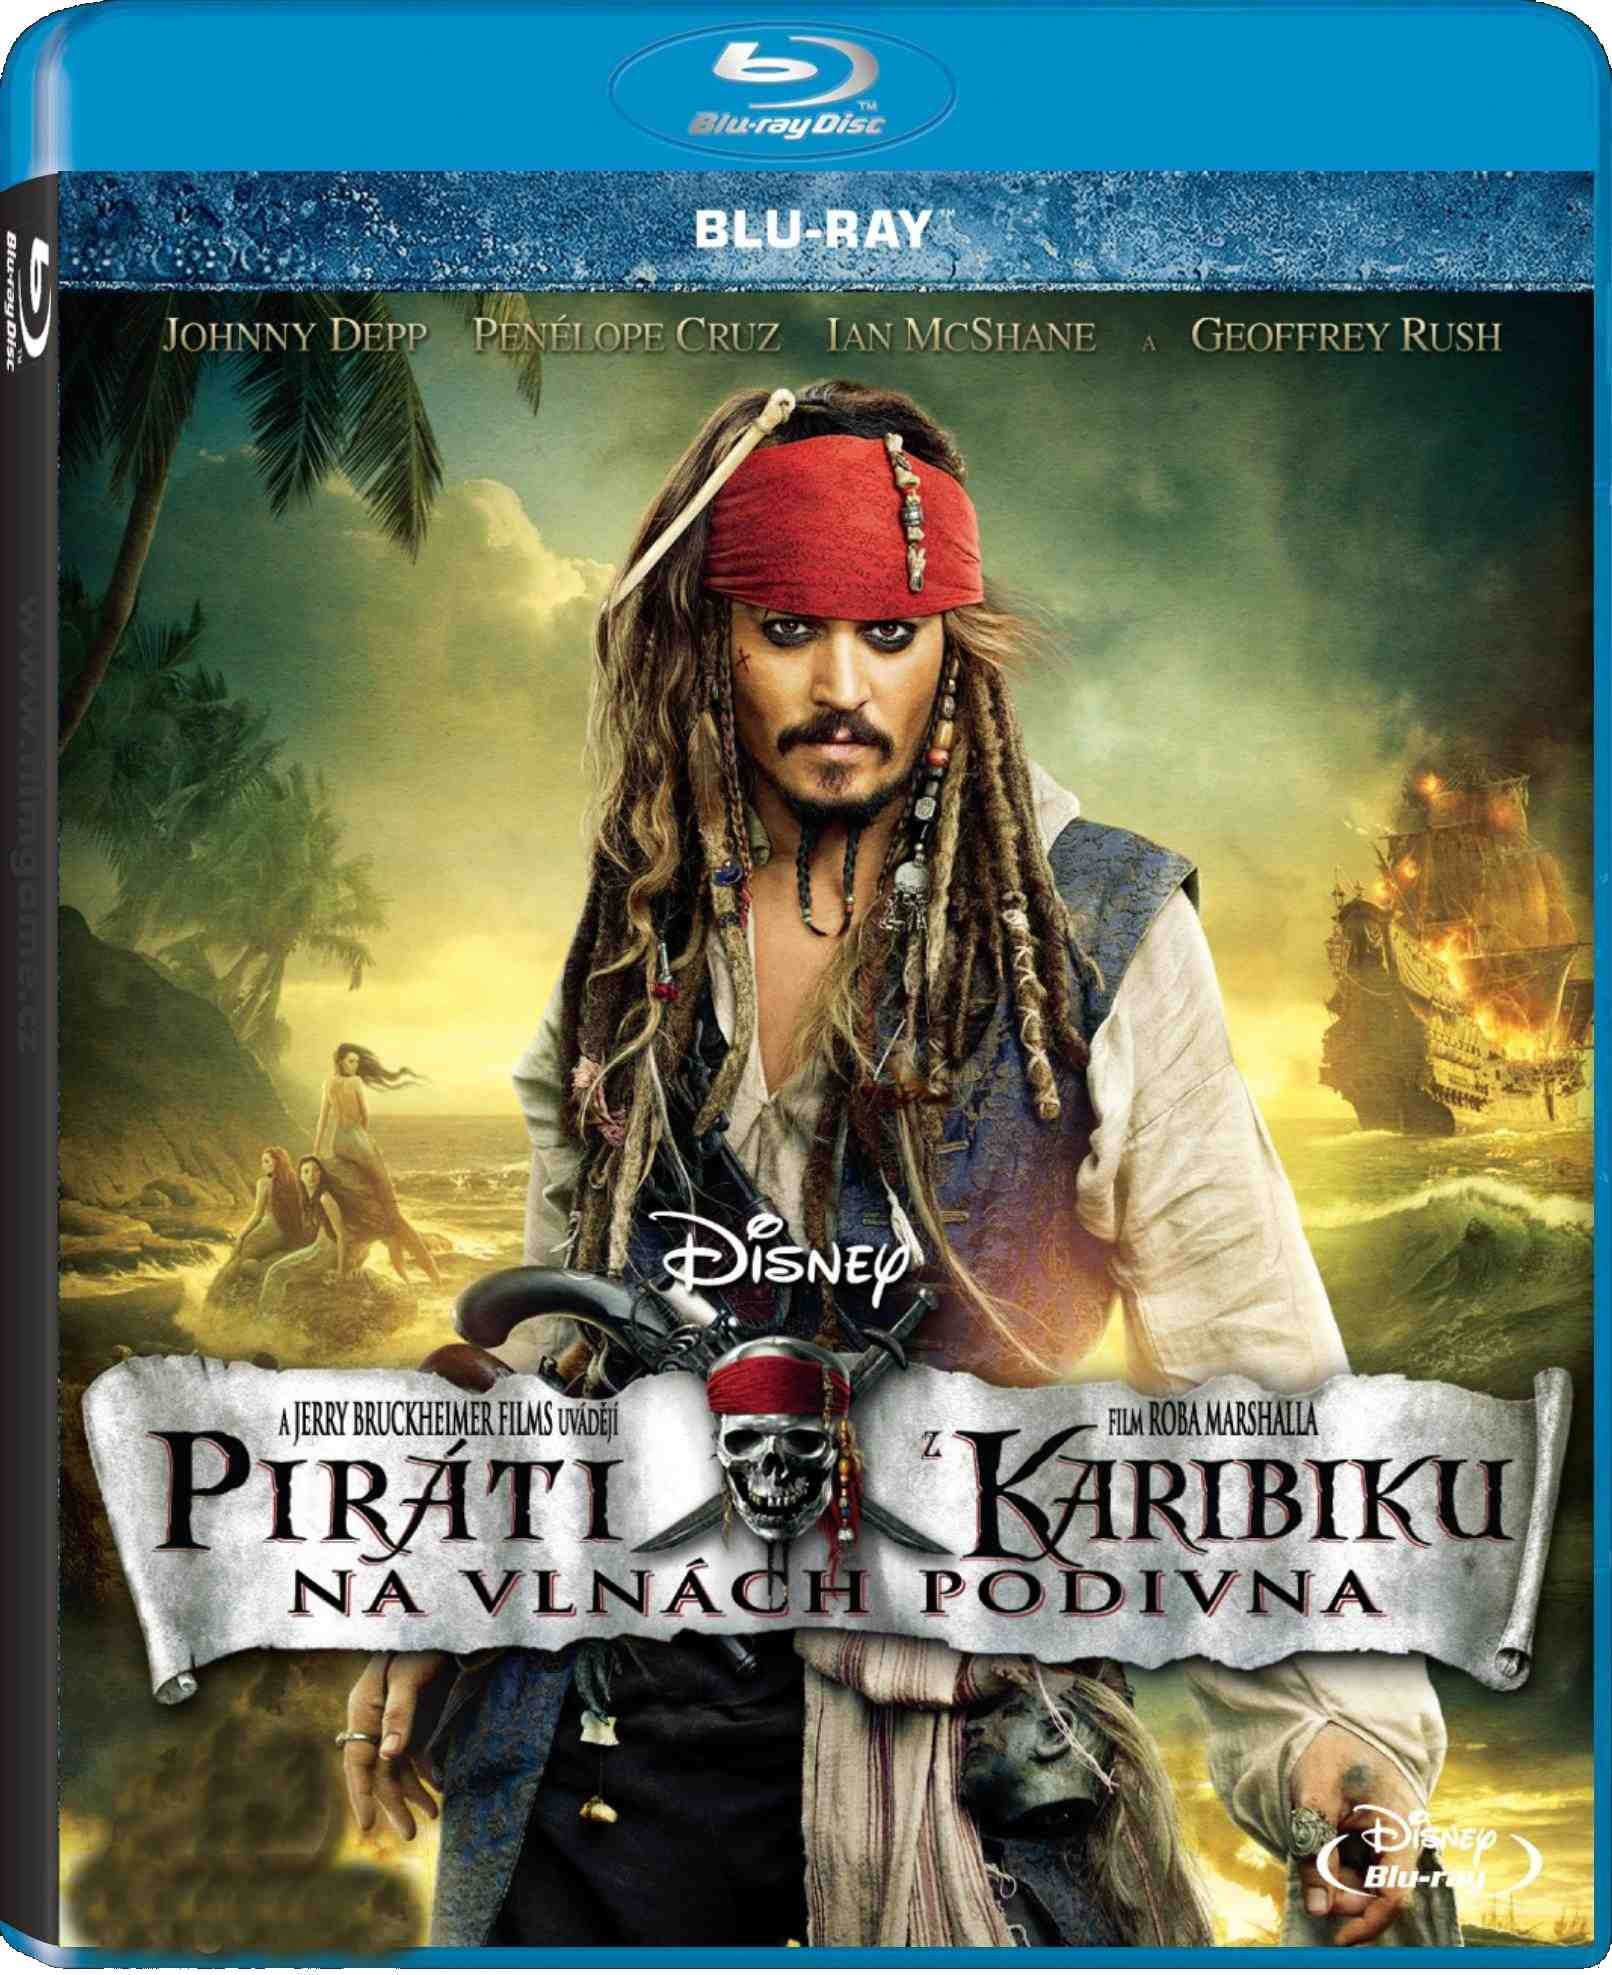 PIRÁTI Z KARIBIKU 4: NA VLNÁCH PODIVNA - Blu-ray